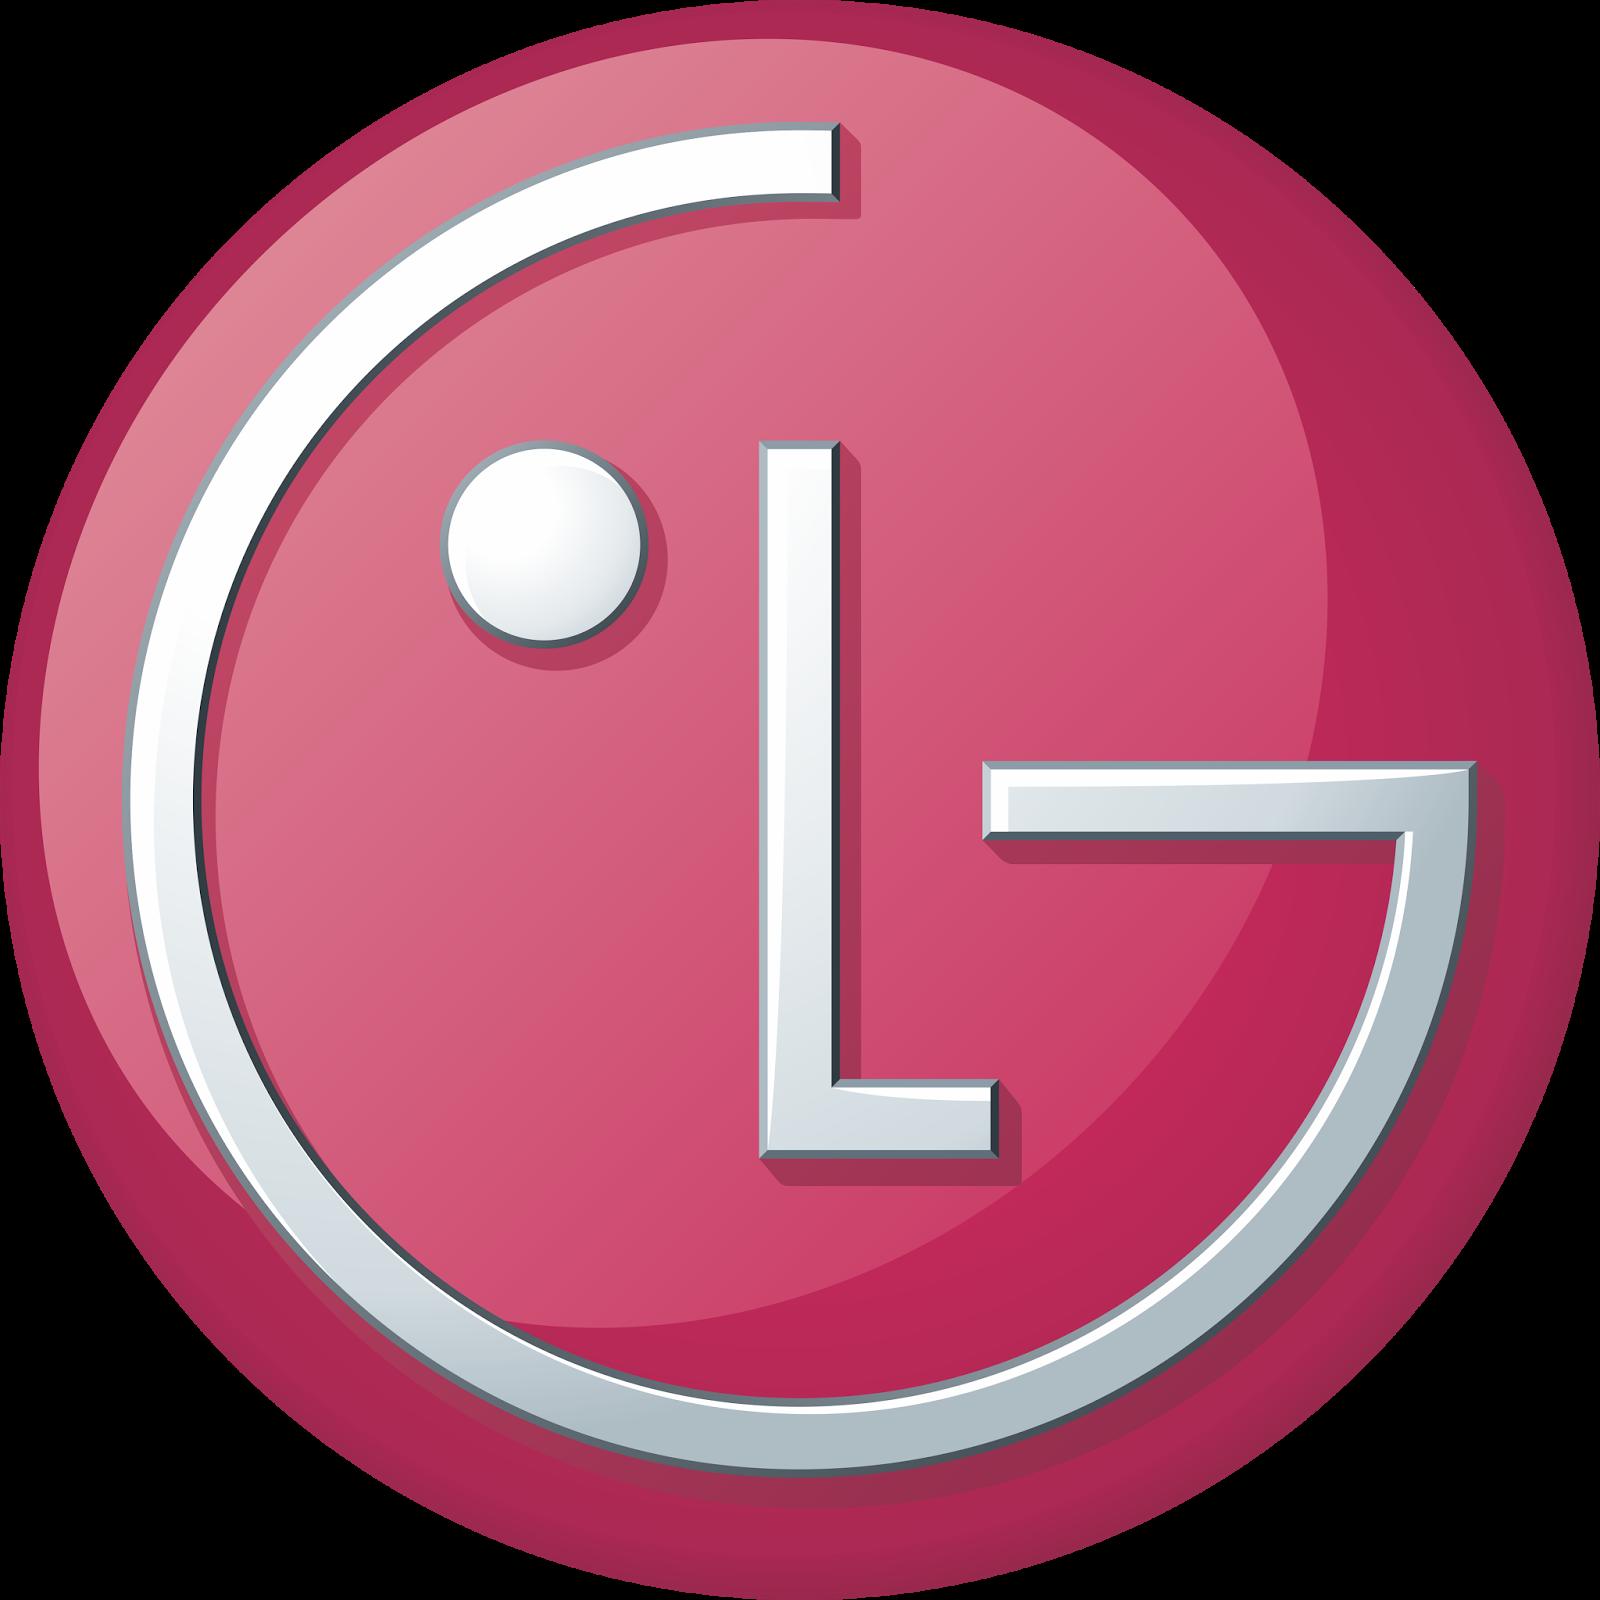 Photo of LG X MAX و LG X SPEED و LG X STYLE و LG X POWER كل هذه هواتف من شركة LG وتسريبات تقول ان هذه الهواتف ستطلق هذه السنة